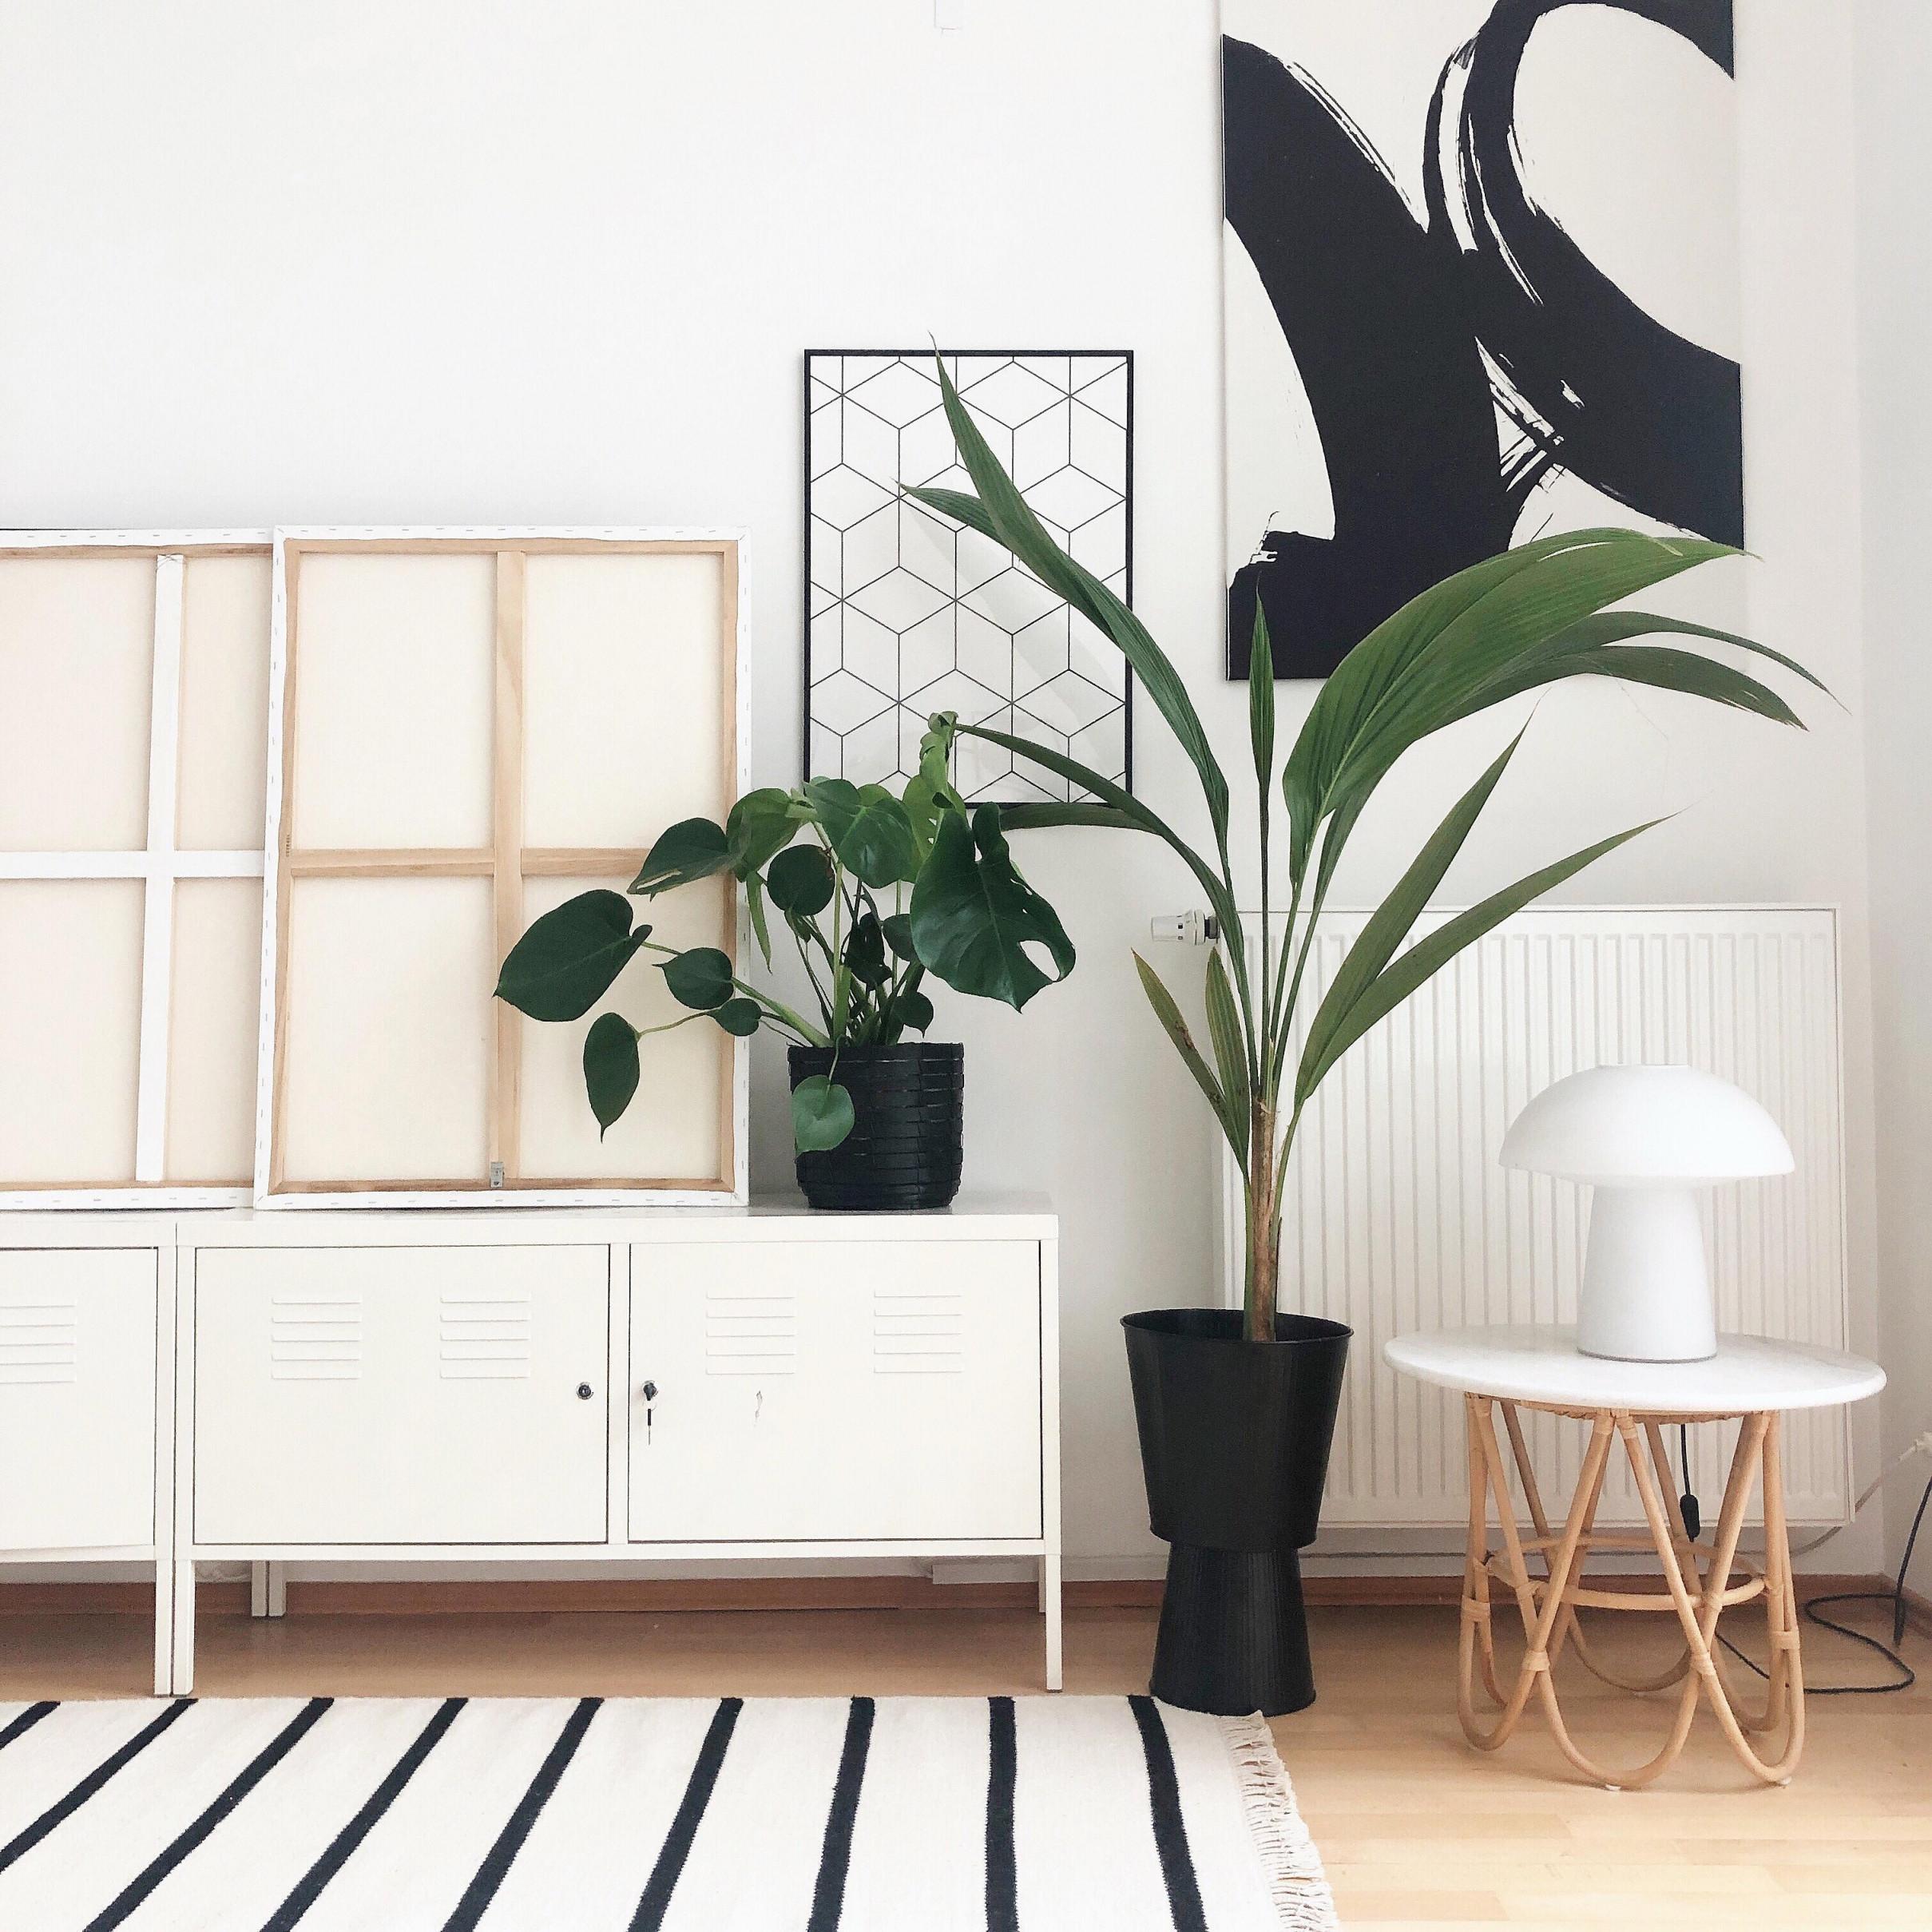 Pflanzendeko • Bilder  Ideen • Couch von Pflanzen Deko Wohnzimmer Bild